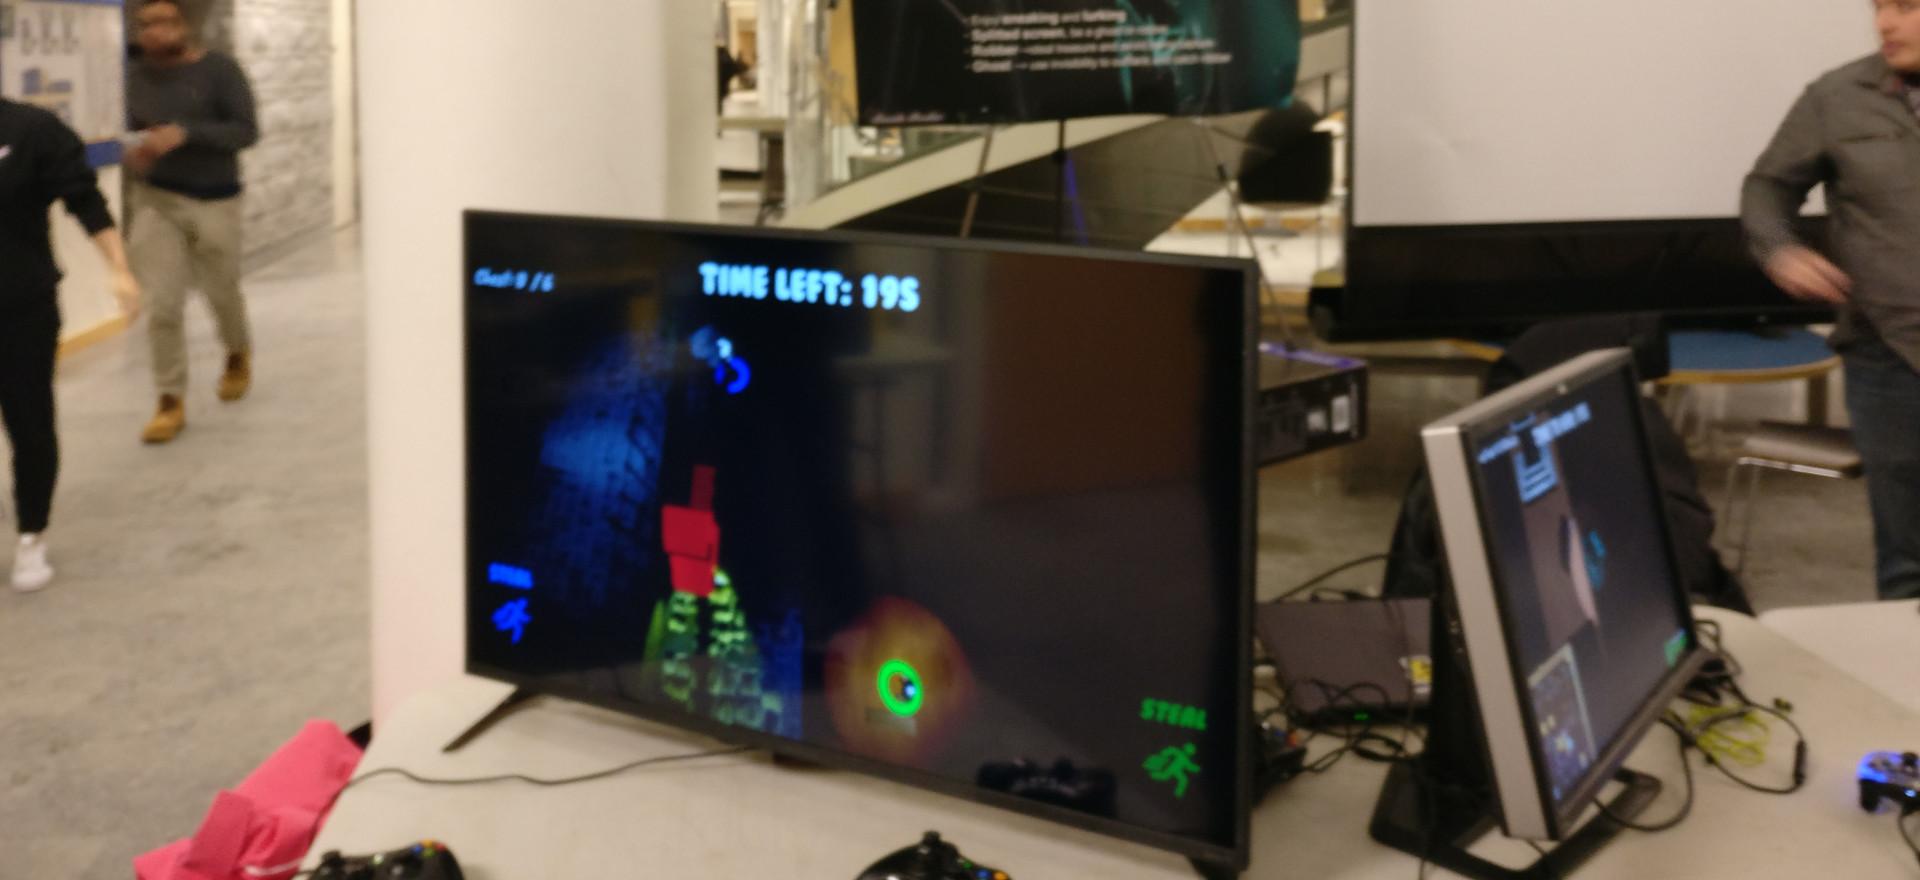 split screen in two monitor